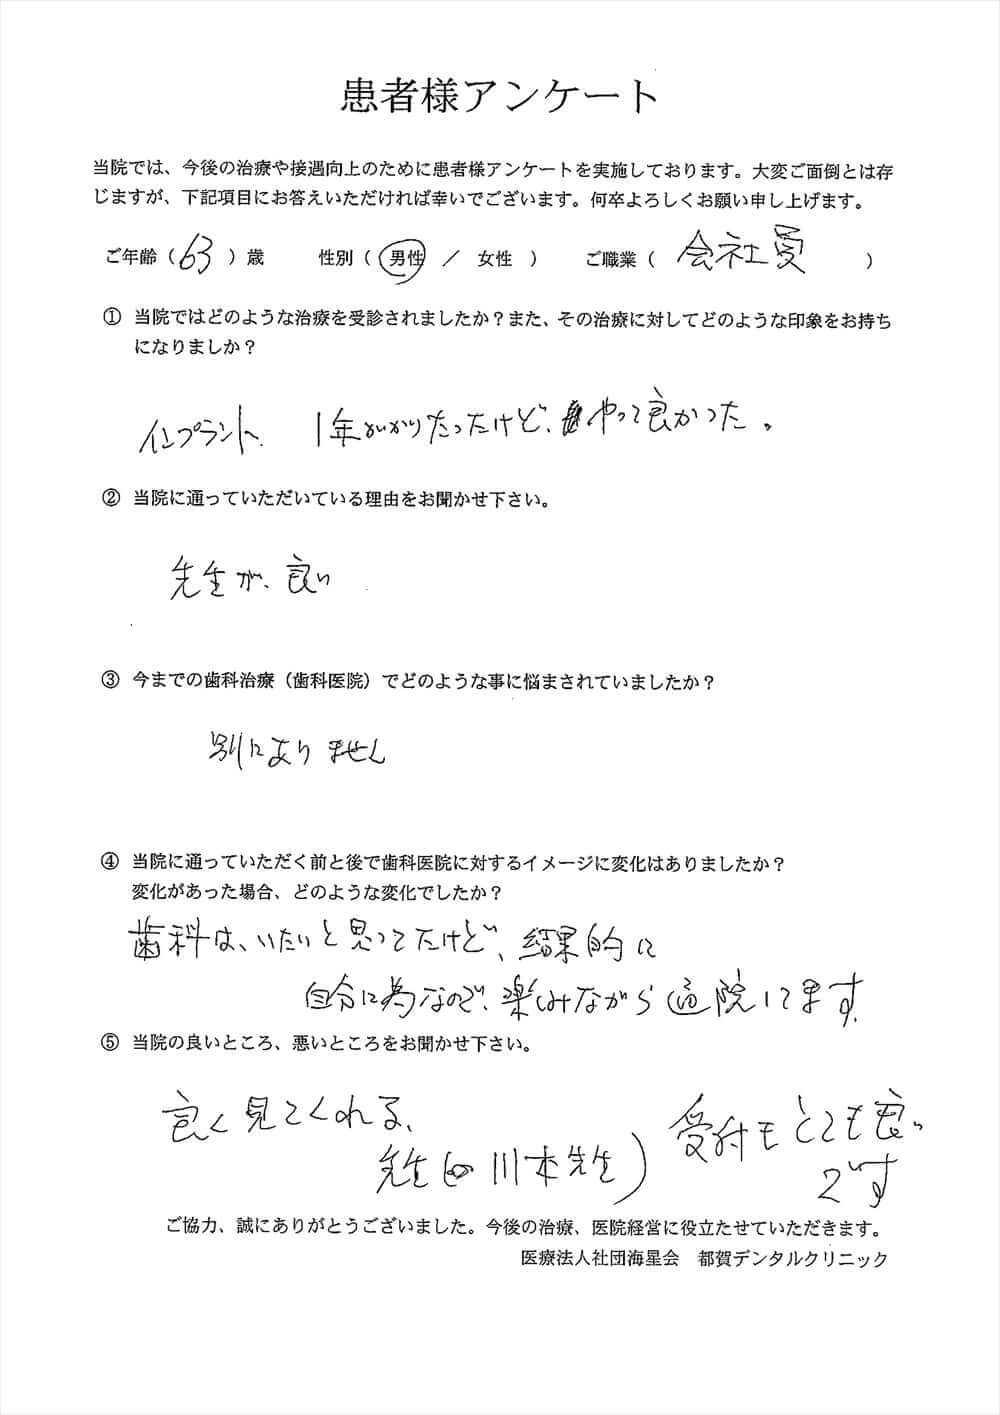 都賀デンタルクリニックの口コミアンケート6